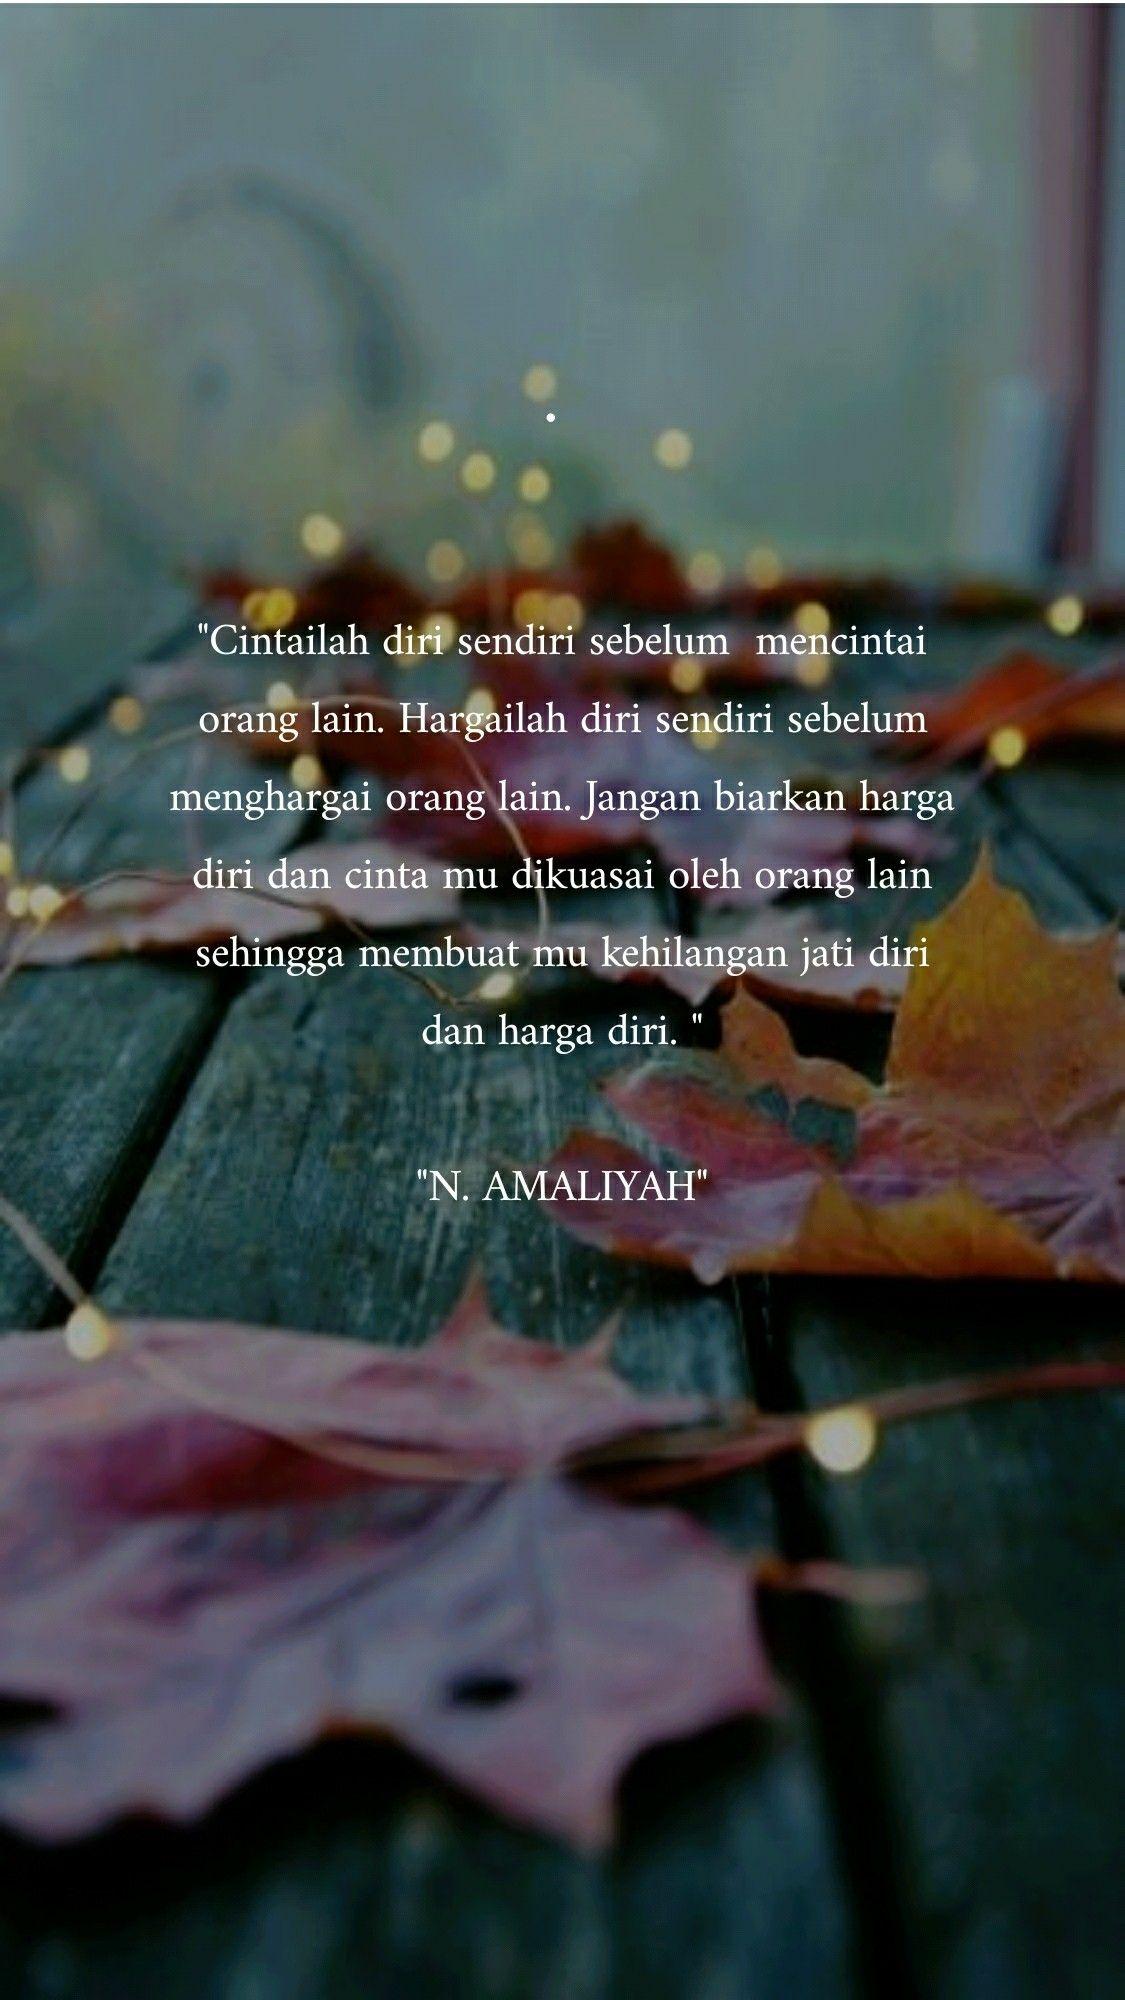 Pin oleh Andyria Kurnia di Quotes & Reminder (Dengan